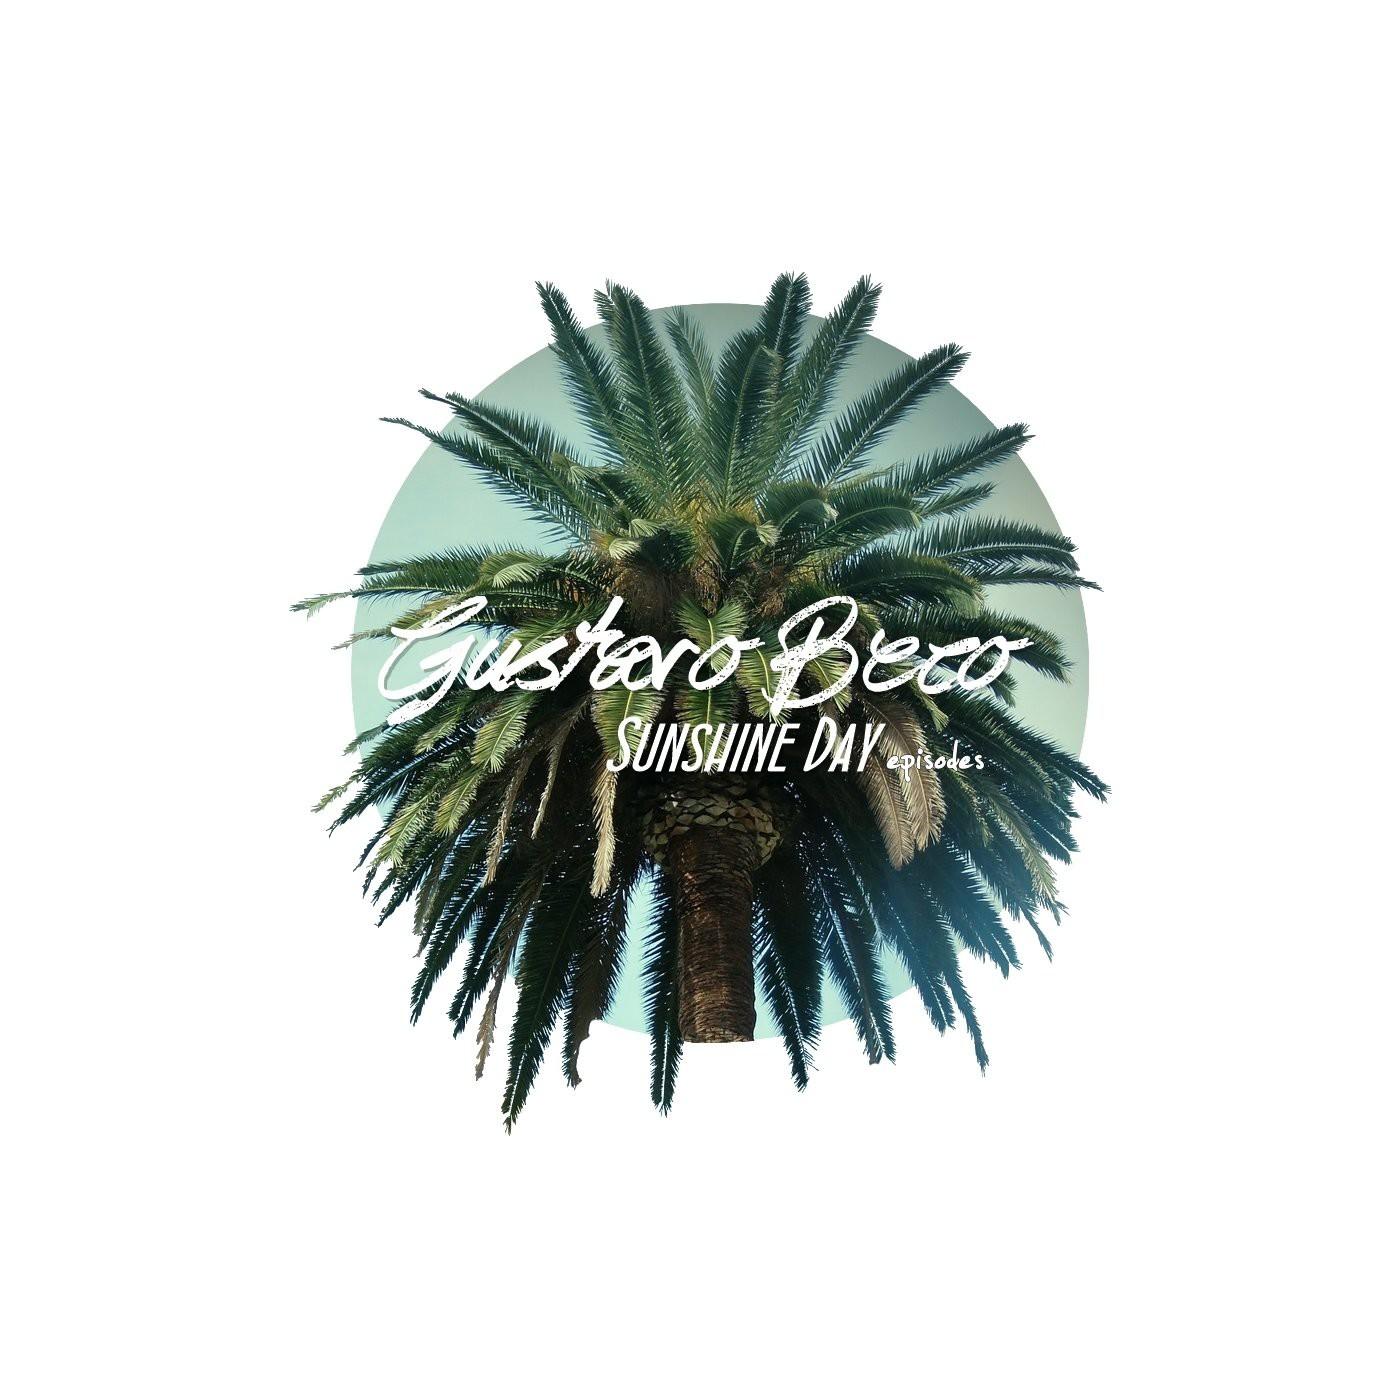 <![CDATA[Gustavo Beco Presents Sunshine Day Episodes]]>